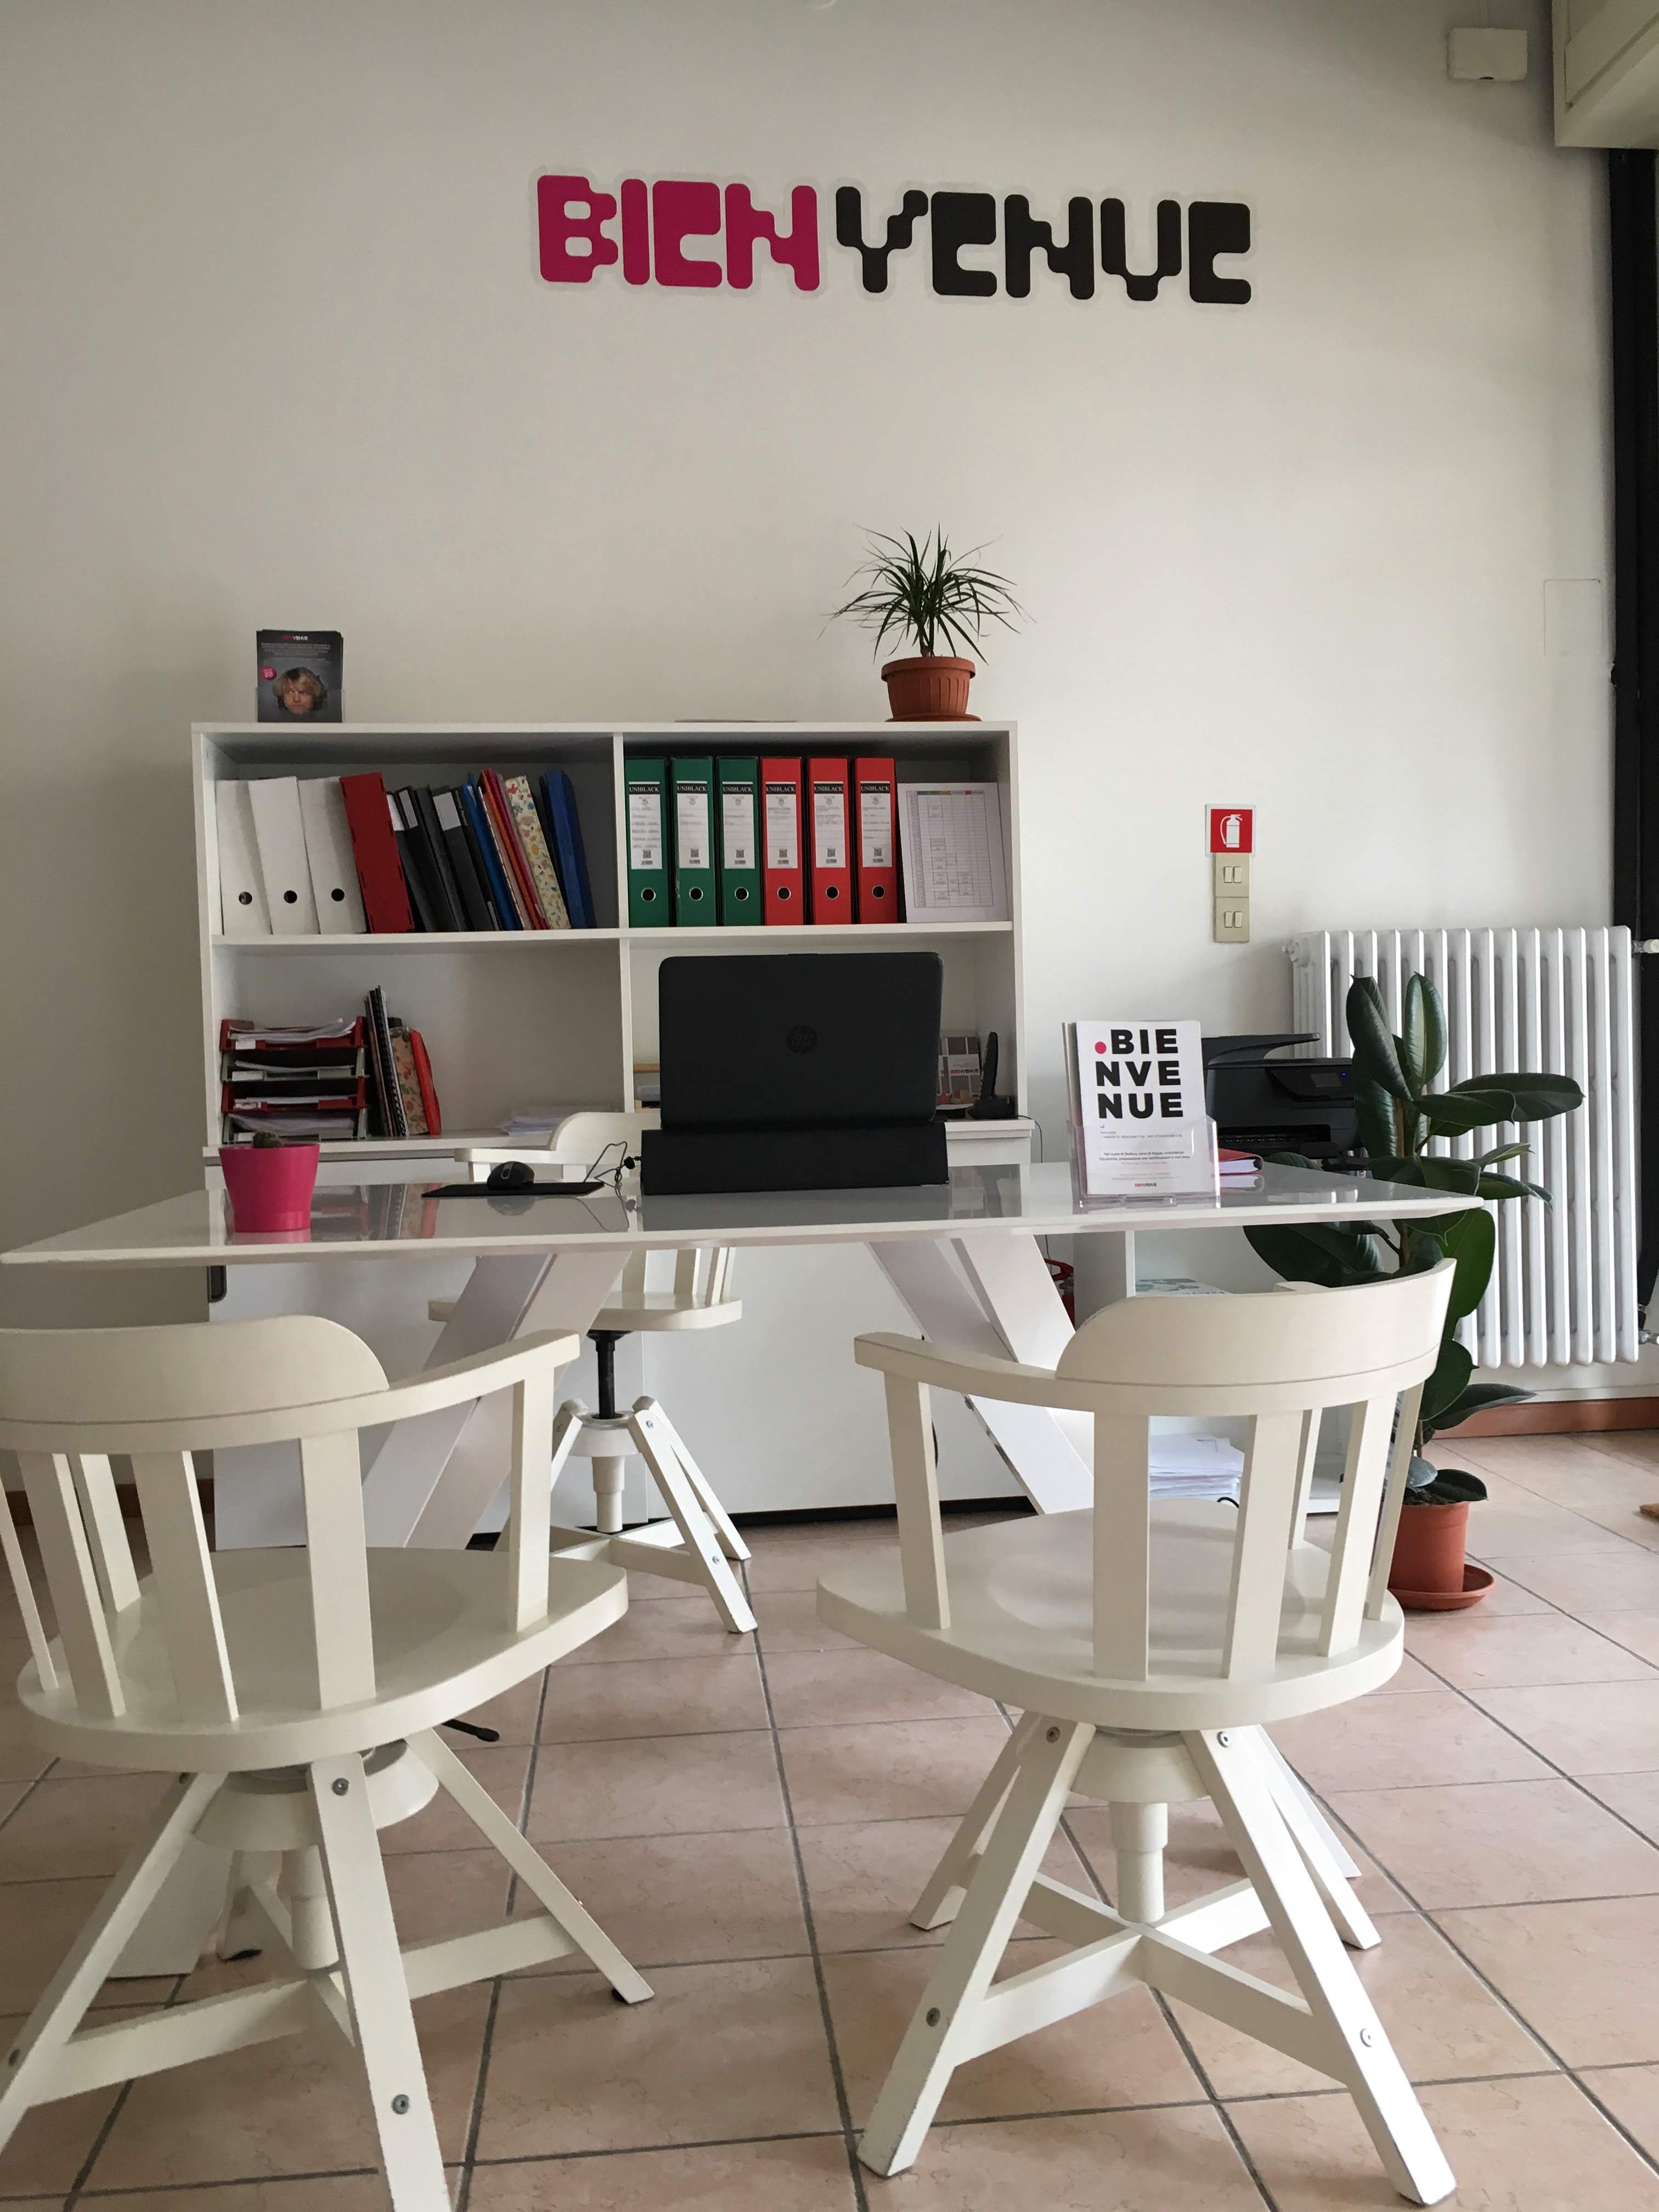 Caffè delle lingue, centro linguistico